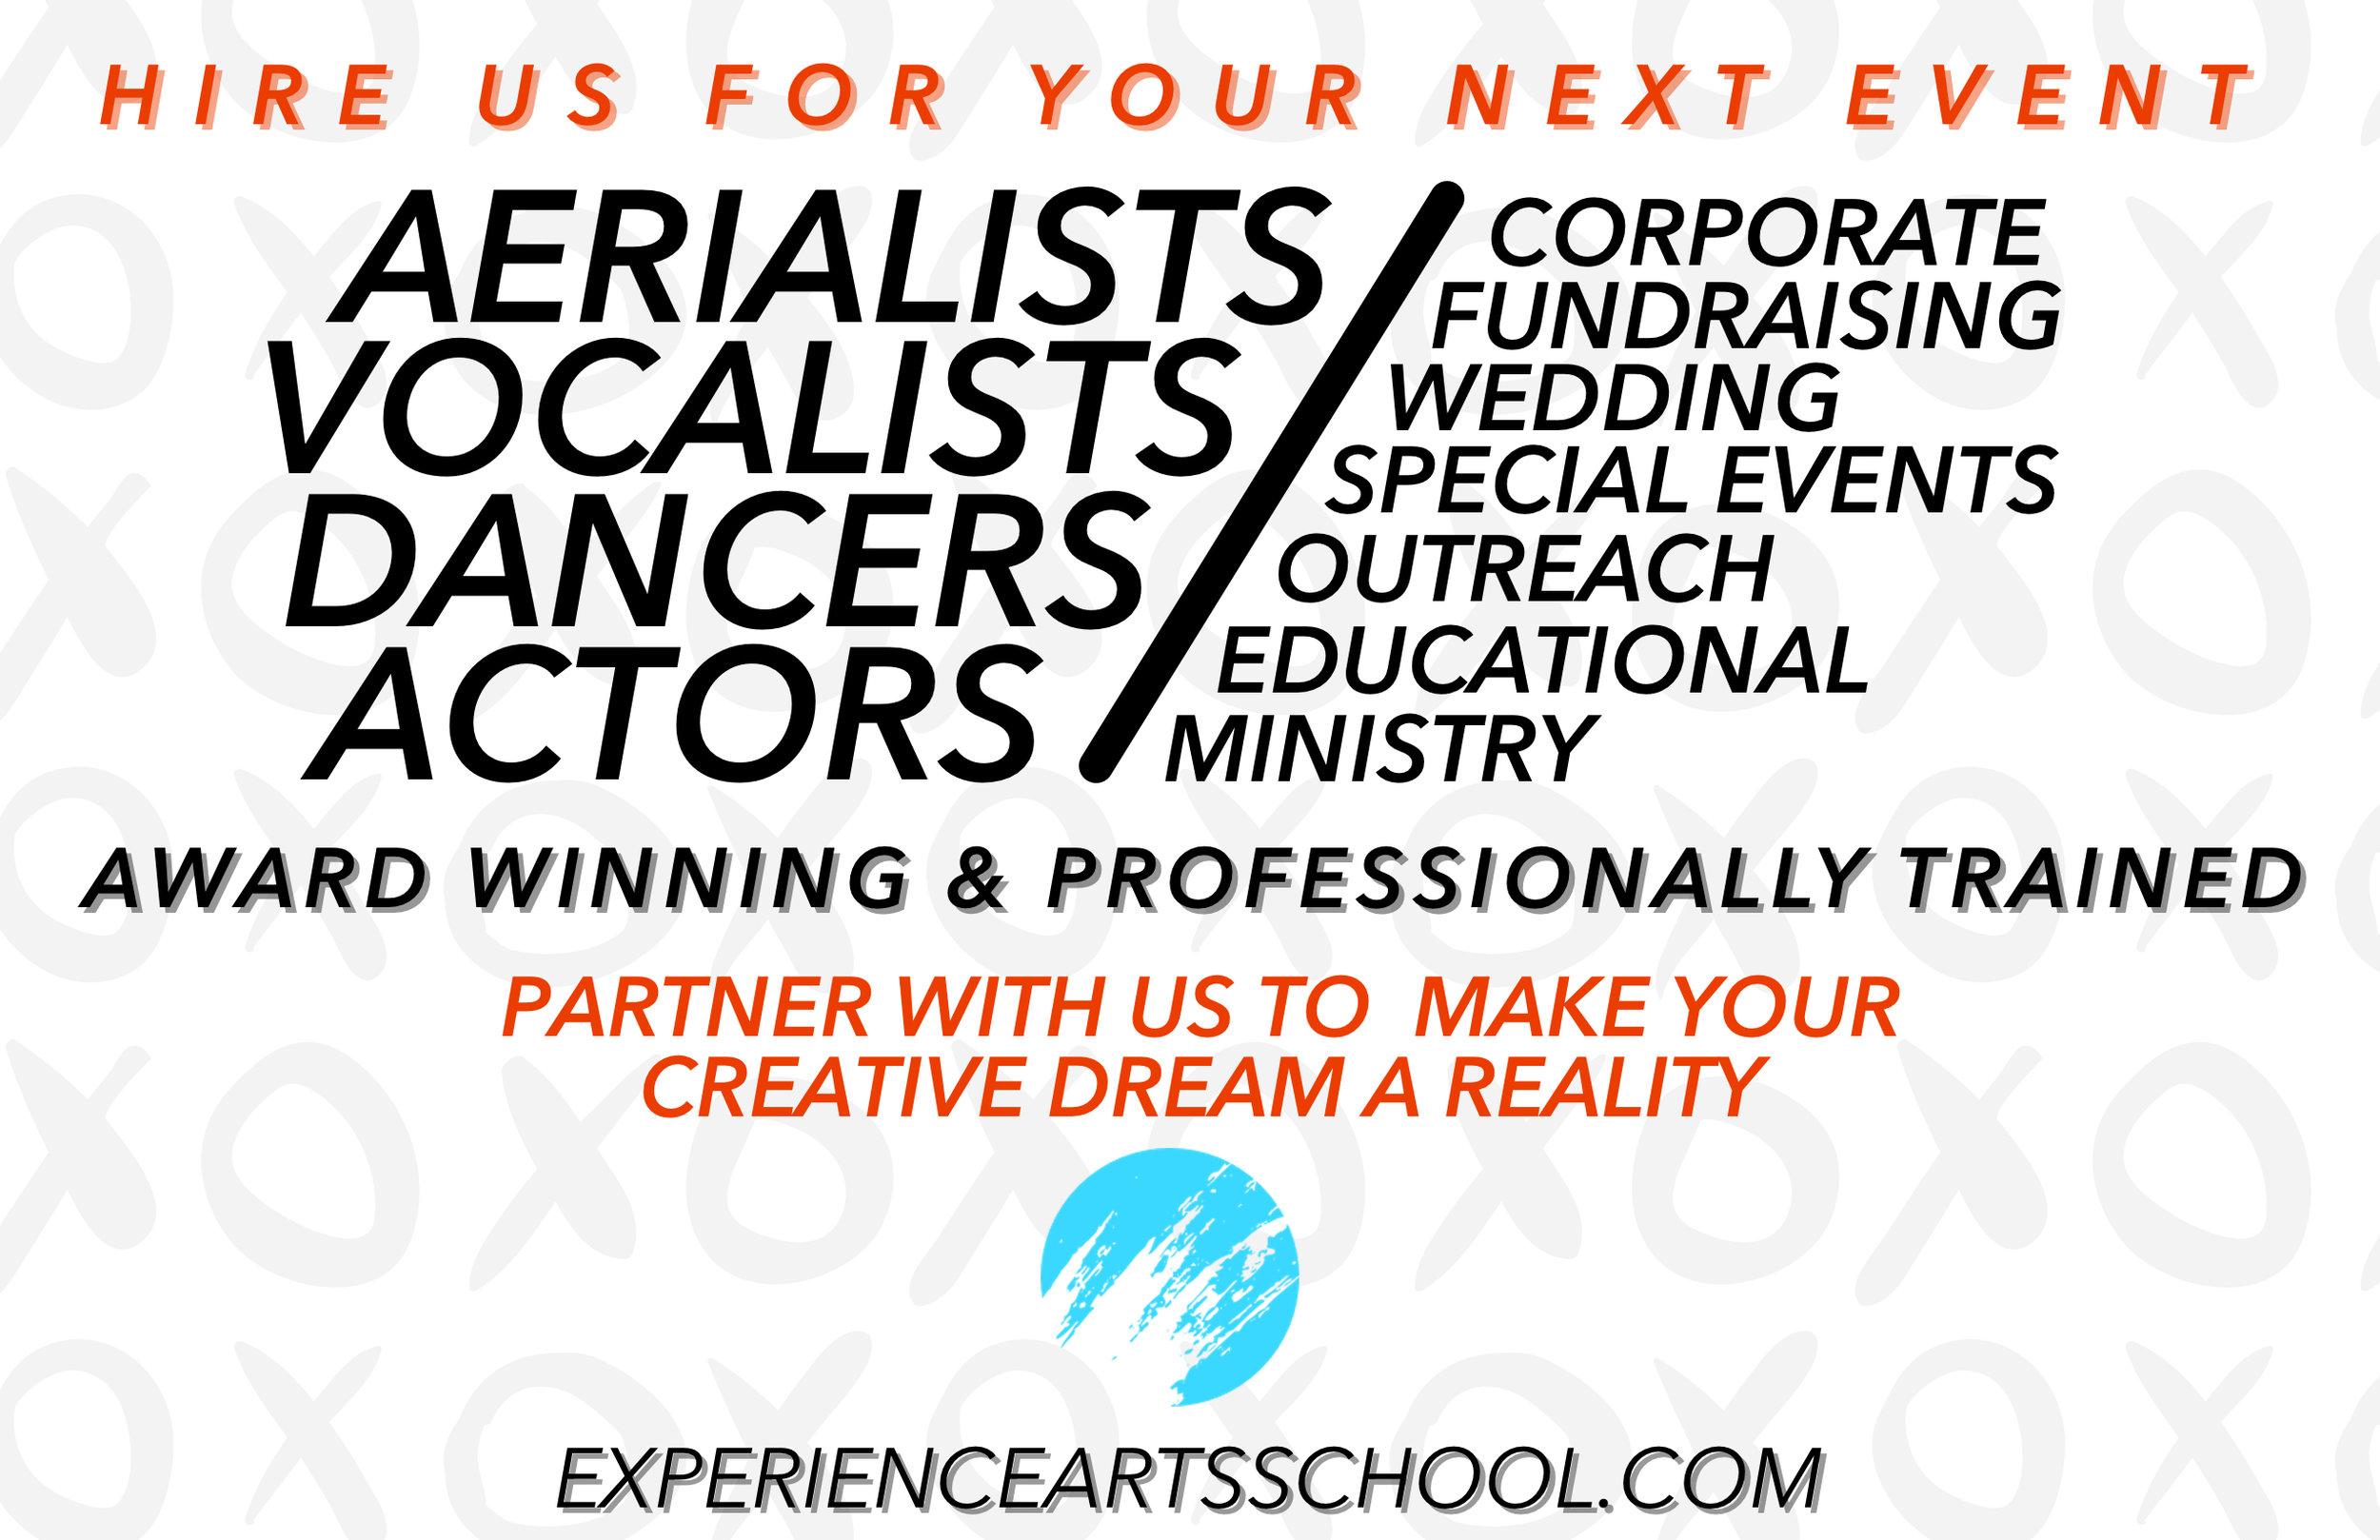 hire us 16x9 web.jpg